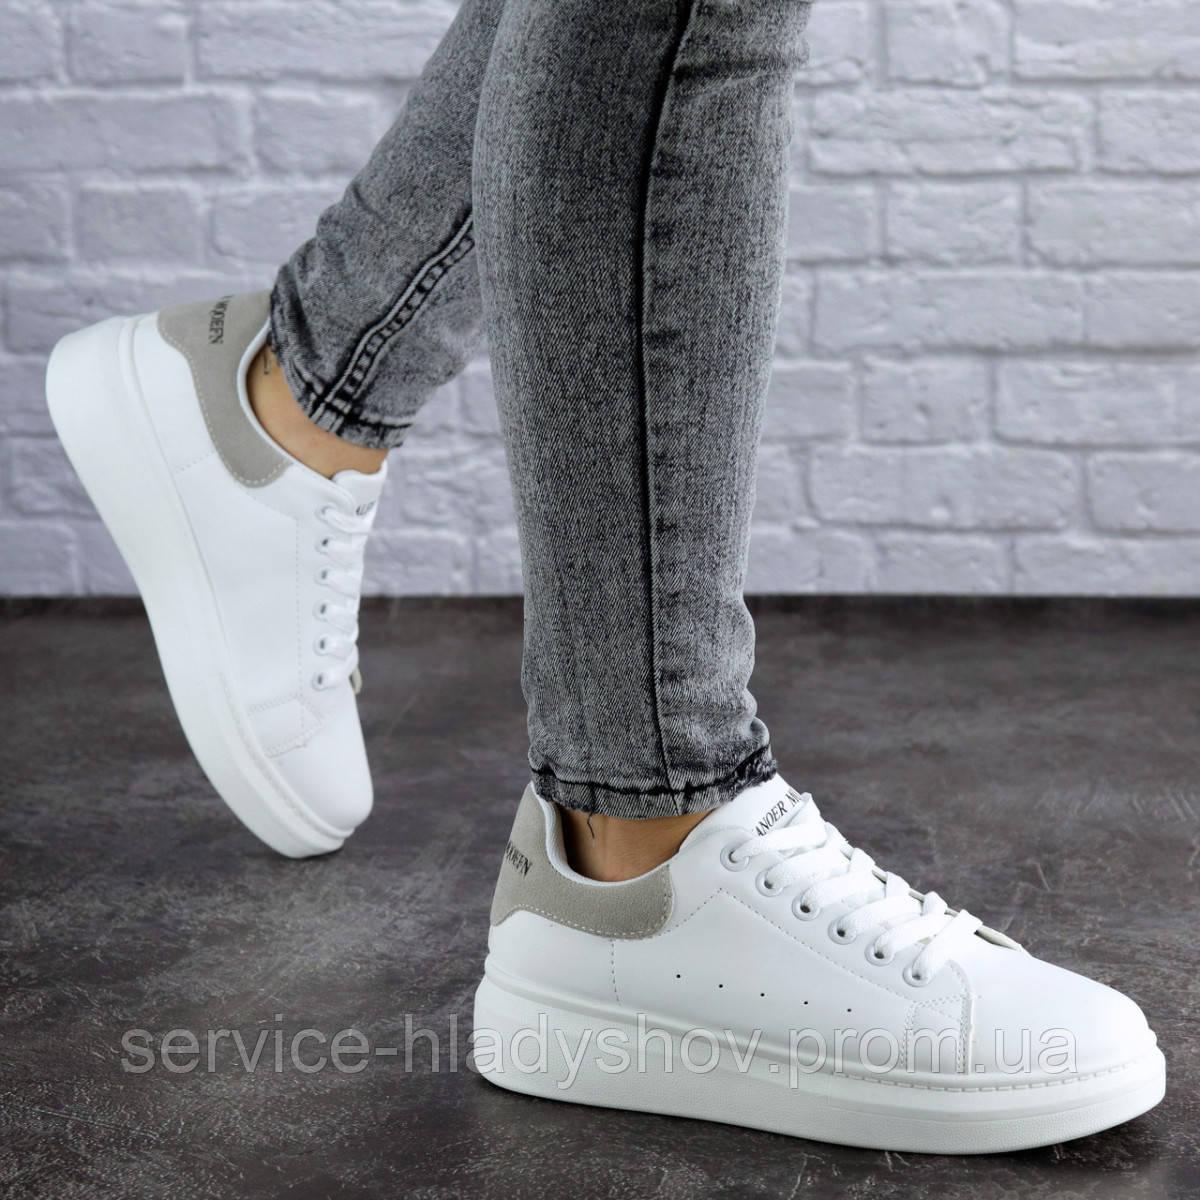 Купить Женские кроссовки летние белые Andy 1965 (37 размер), Fashion